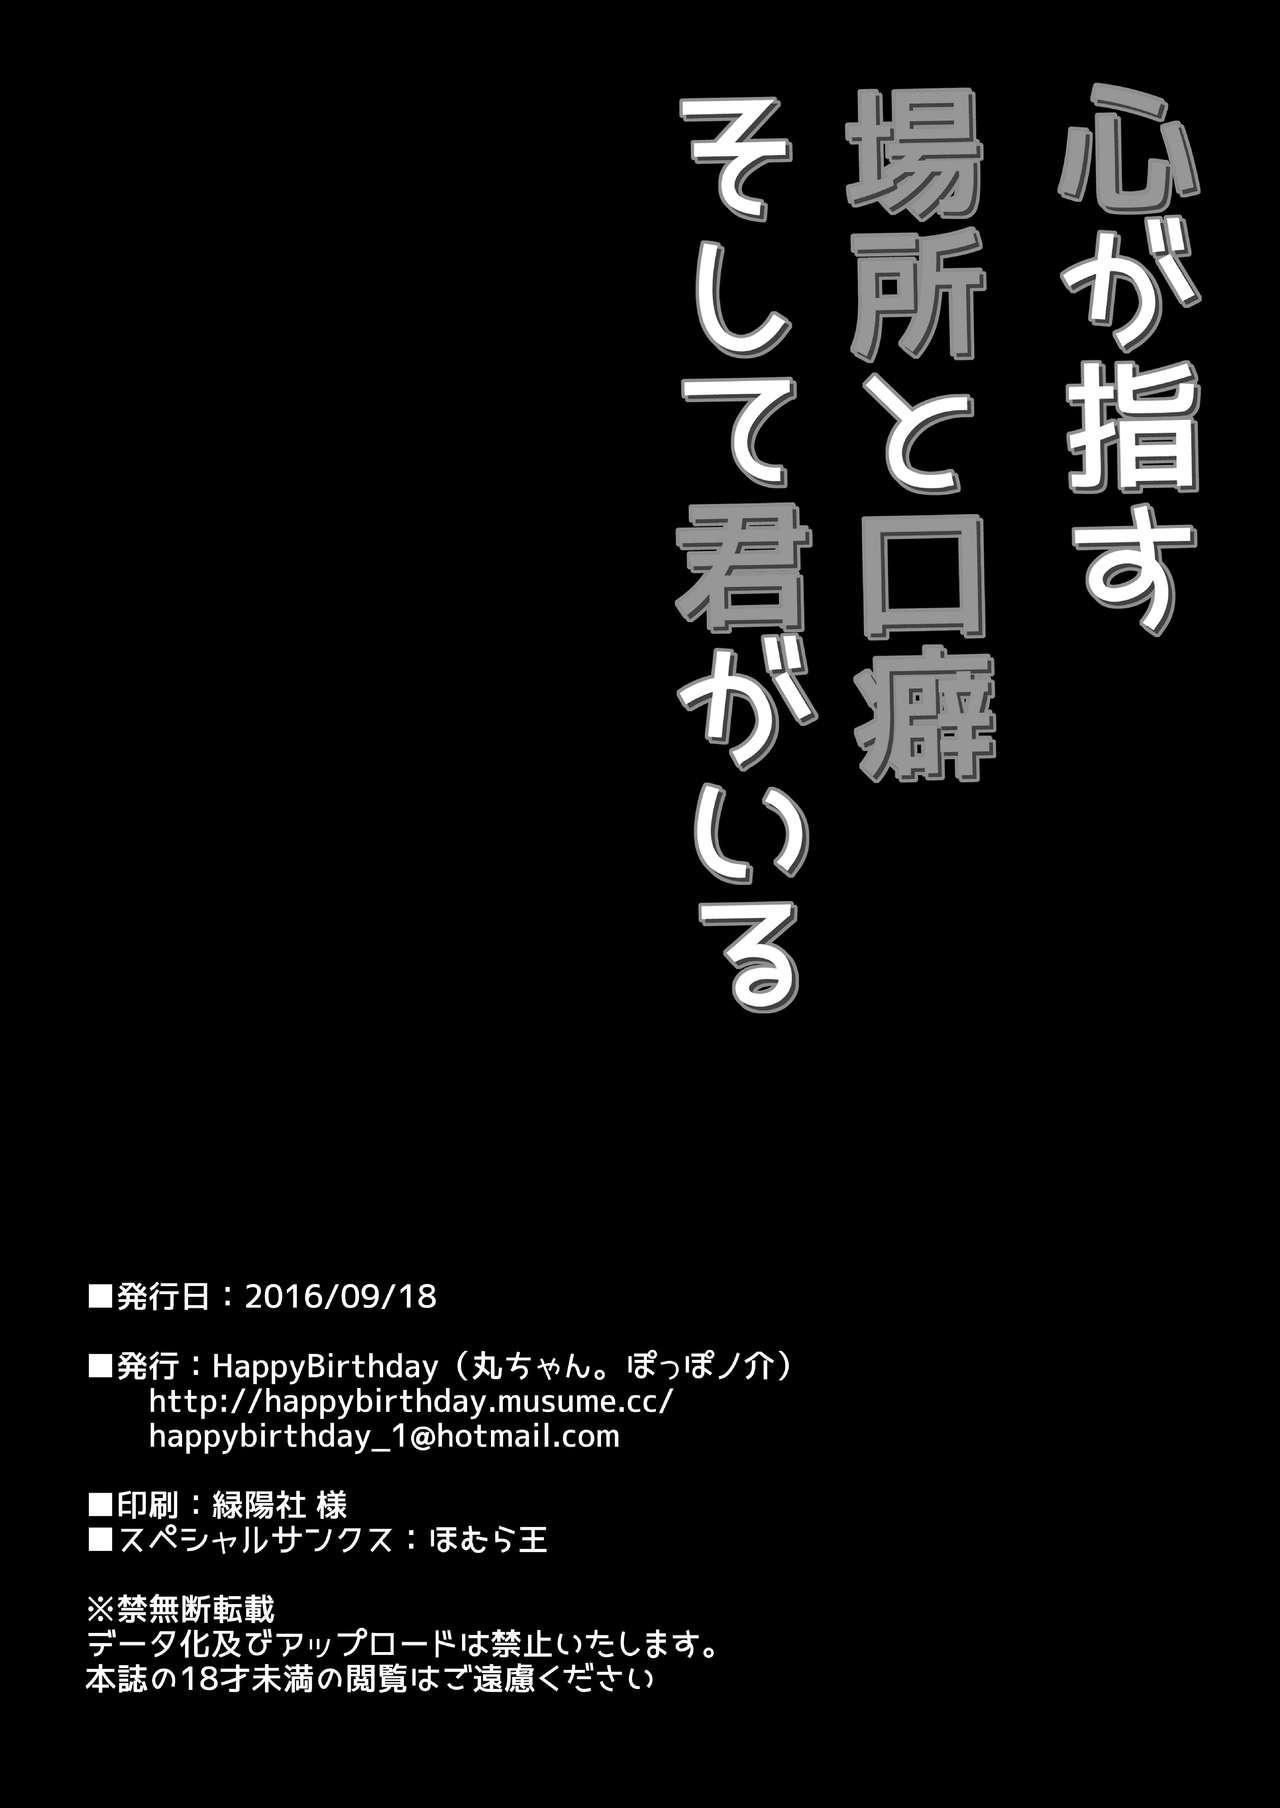 Kokoro ga Sasu Basho to Kuchiguse Soshite Kimi ga Iru 16